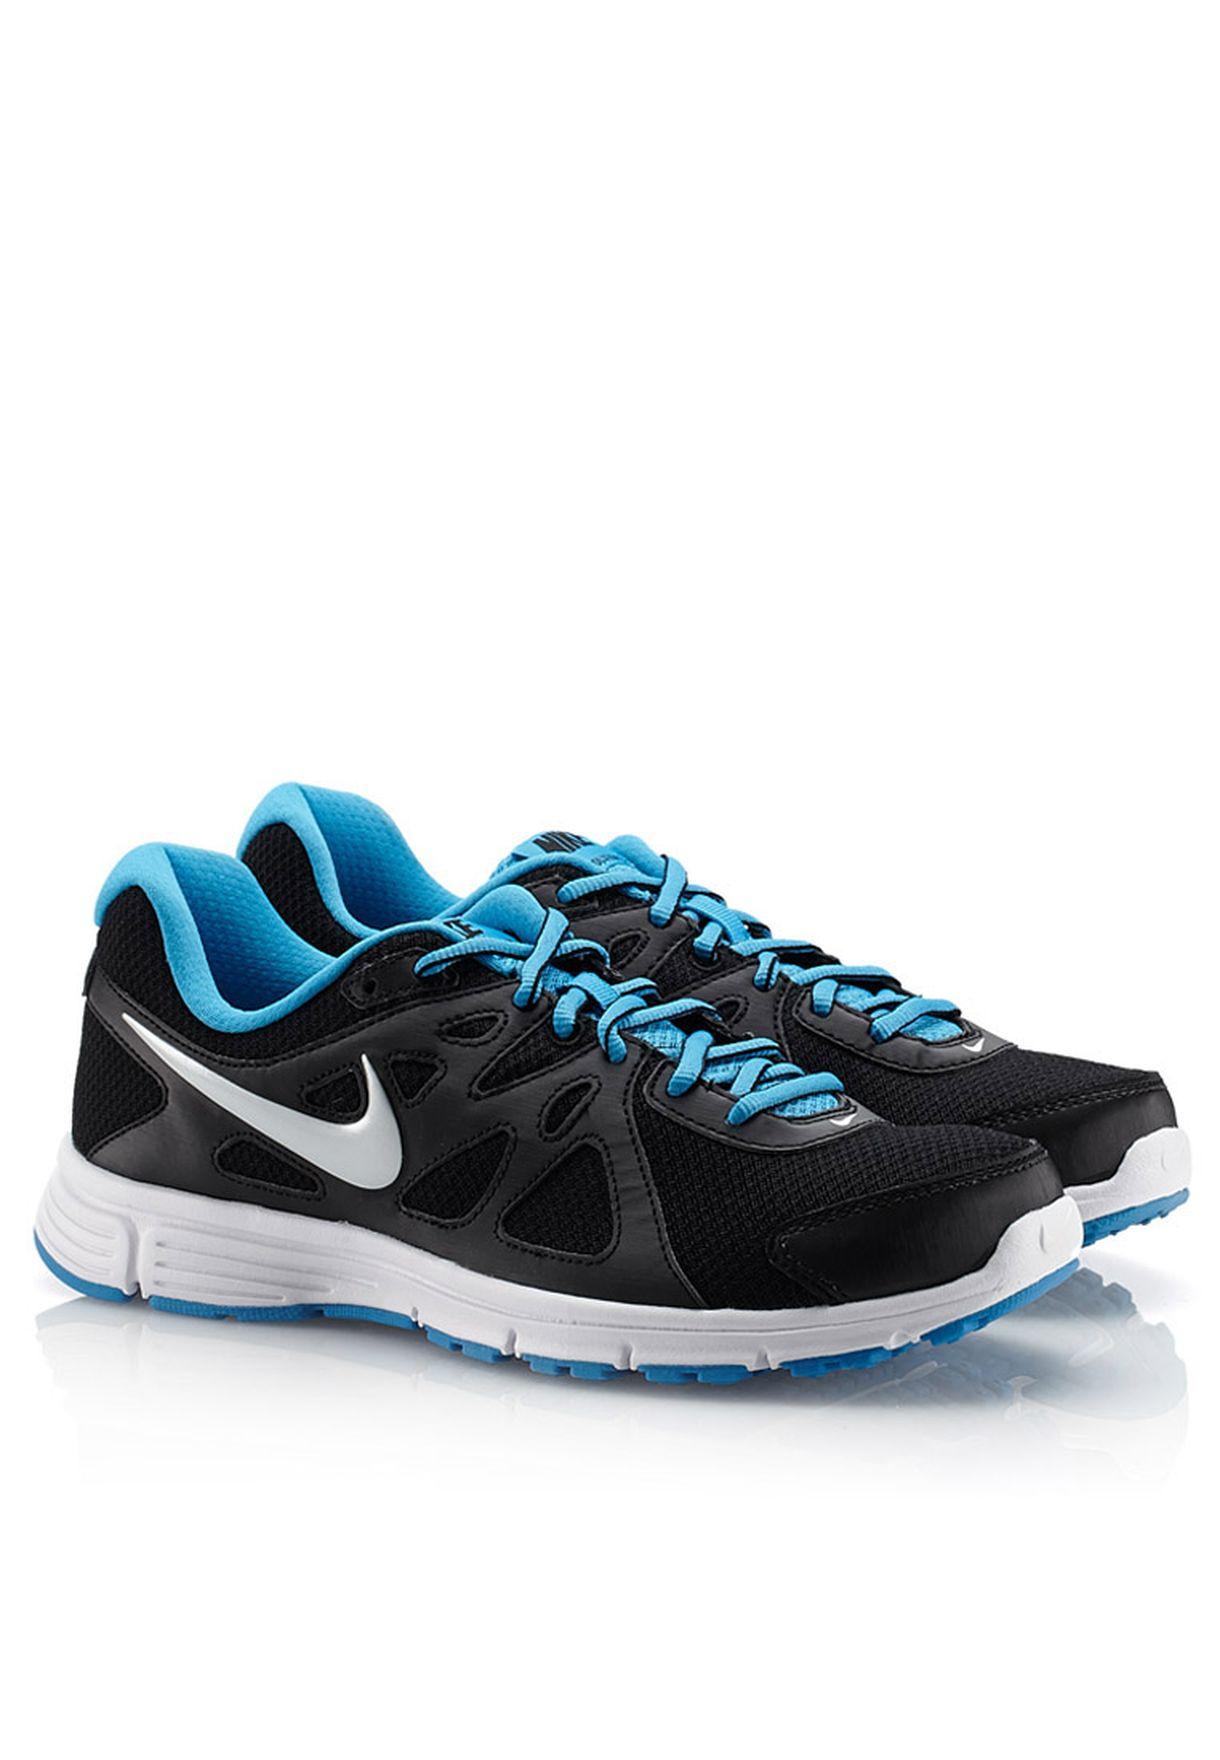 67c39aed1828 coupon black blue mens nike revolution 2 msl shoes d7e73 a0dc7